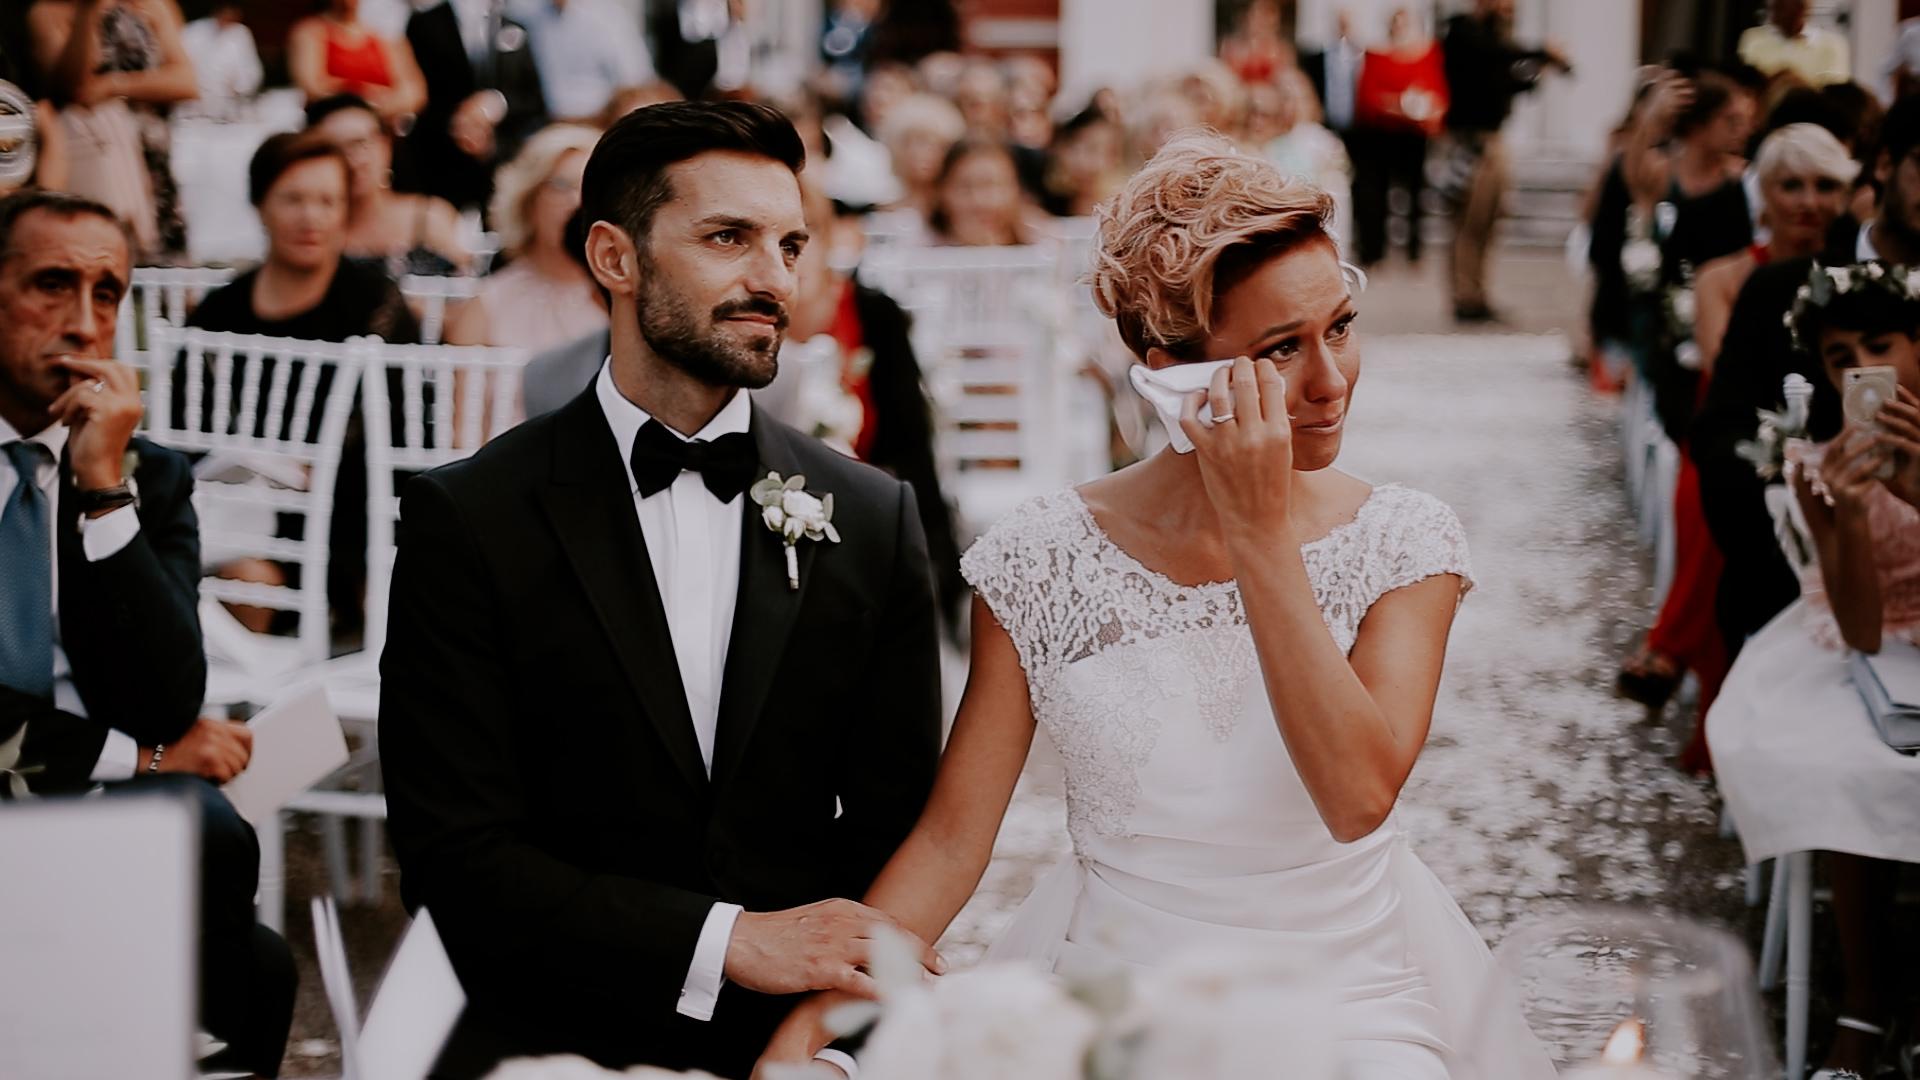 FEDE1621.00_02_20_12.Immagine005 Apulian Wedding